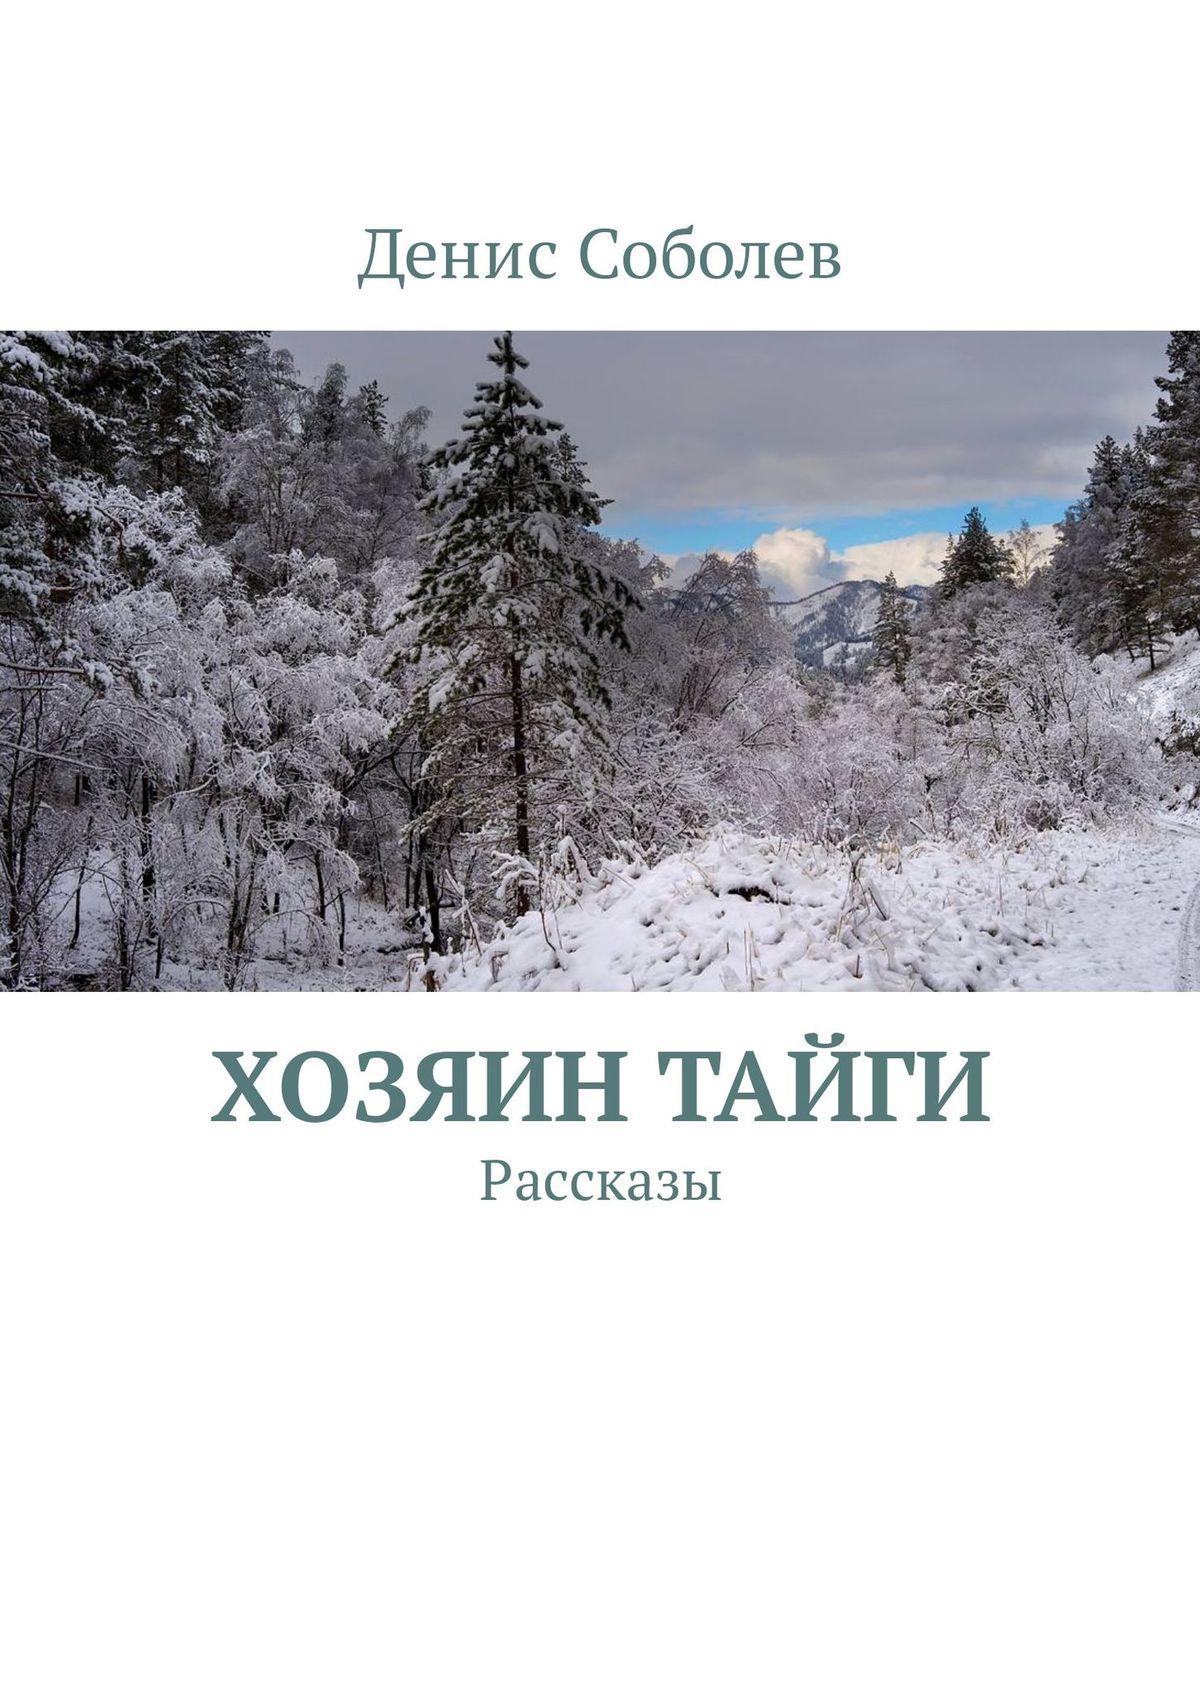 Денис Соболев Хозяин тайги. Рассказы е краснушкина кто живет в тайге